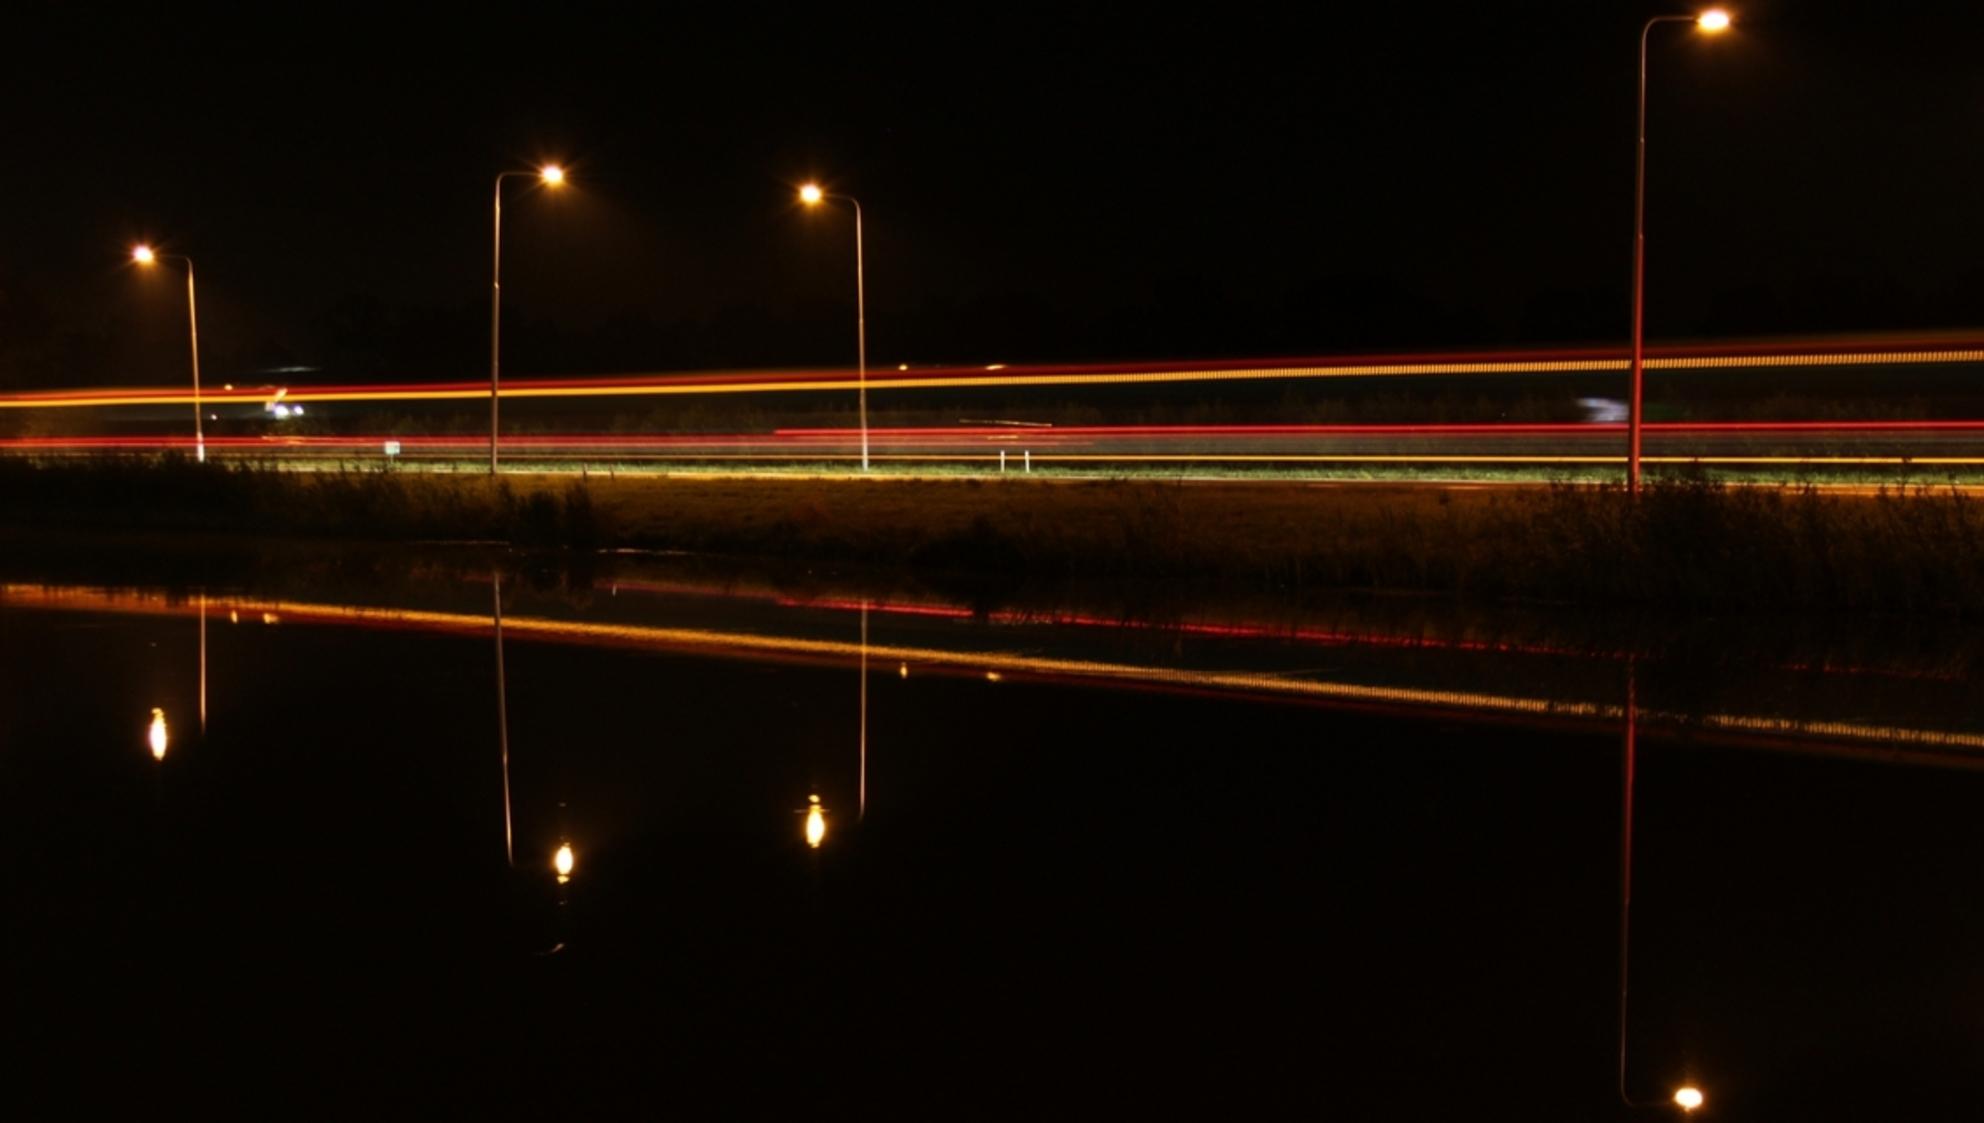 Weerspiegeling - Dank voor jullie eerdere reacties op de vorige foto's.  Weerspiegeling in een grote vijver bij een bedrijfspand en een provinciale weg waar de bus  - foto door mvdvaart op 23-09-2011 - deze foto bevat: weerspiegeling, nachtfotografie, avondfotografie, woudenberg, nacht fotografie, avond fotografie